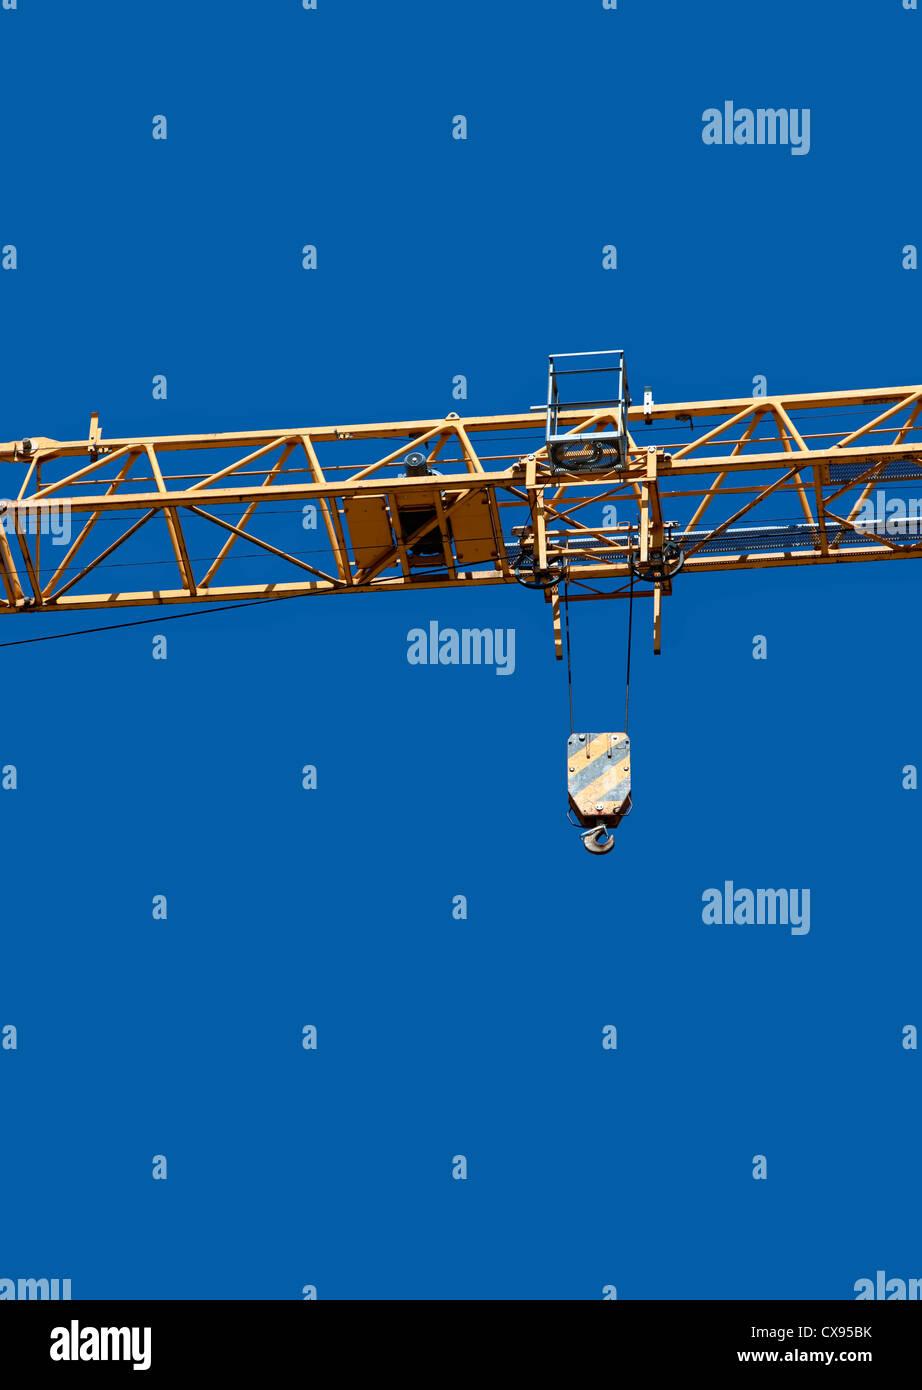 Crane and blue sky, Baukran vor blauem Himmel - Stock Image